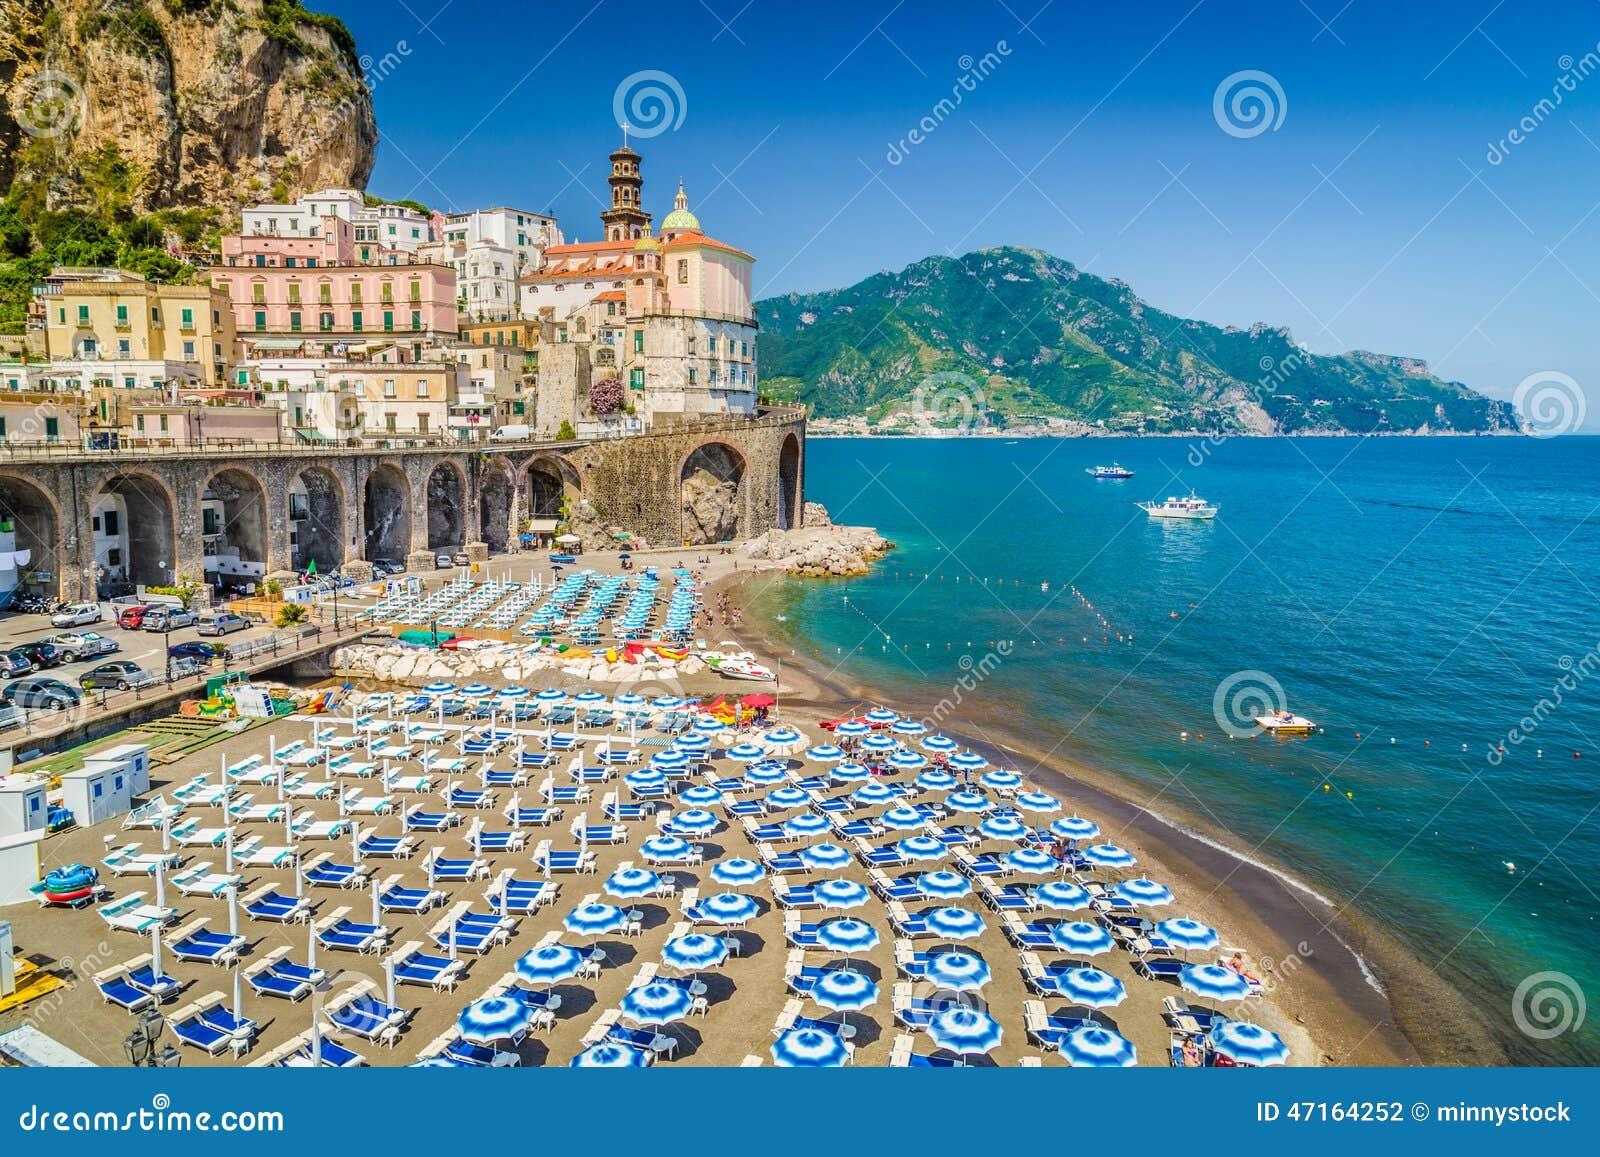 Stad van Atrani, Amalfi Kust, Campania, Italië